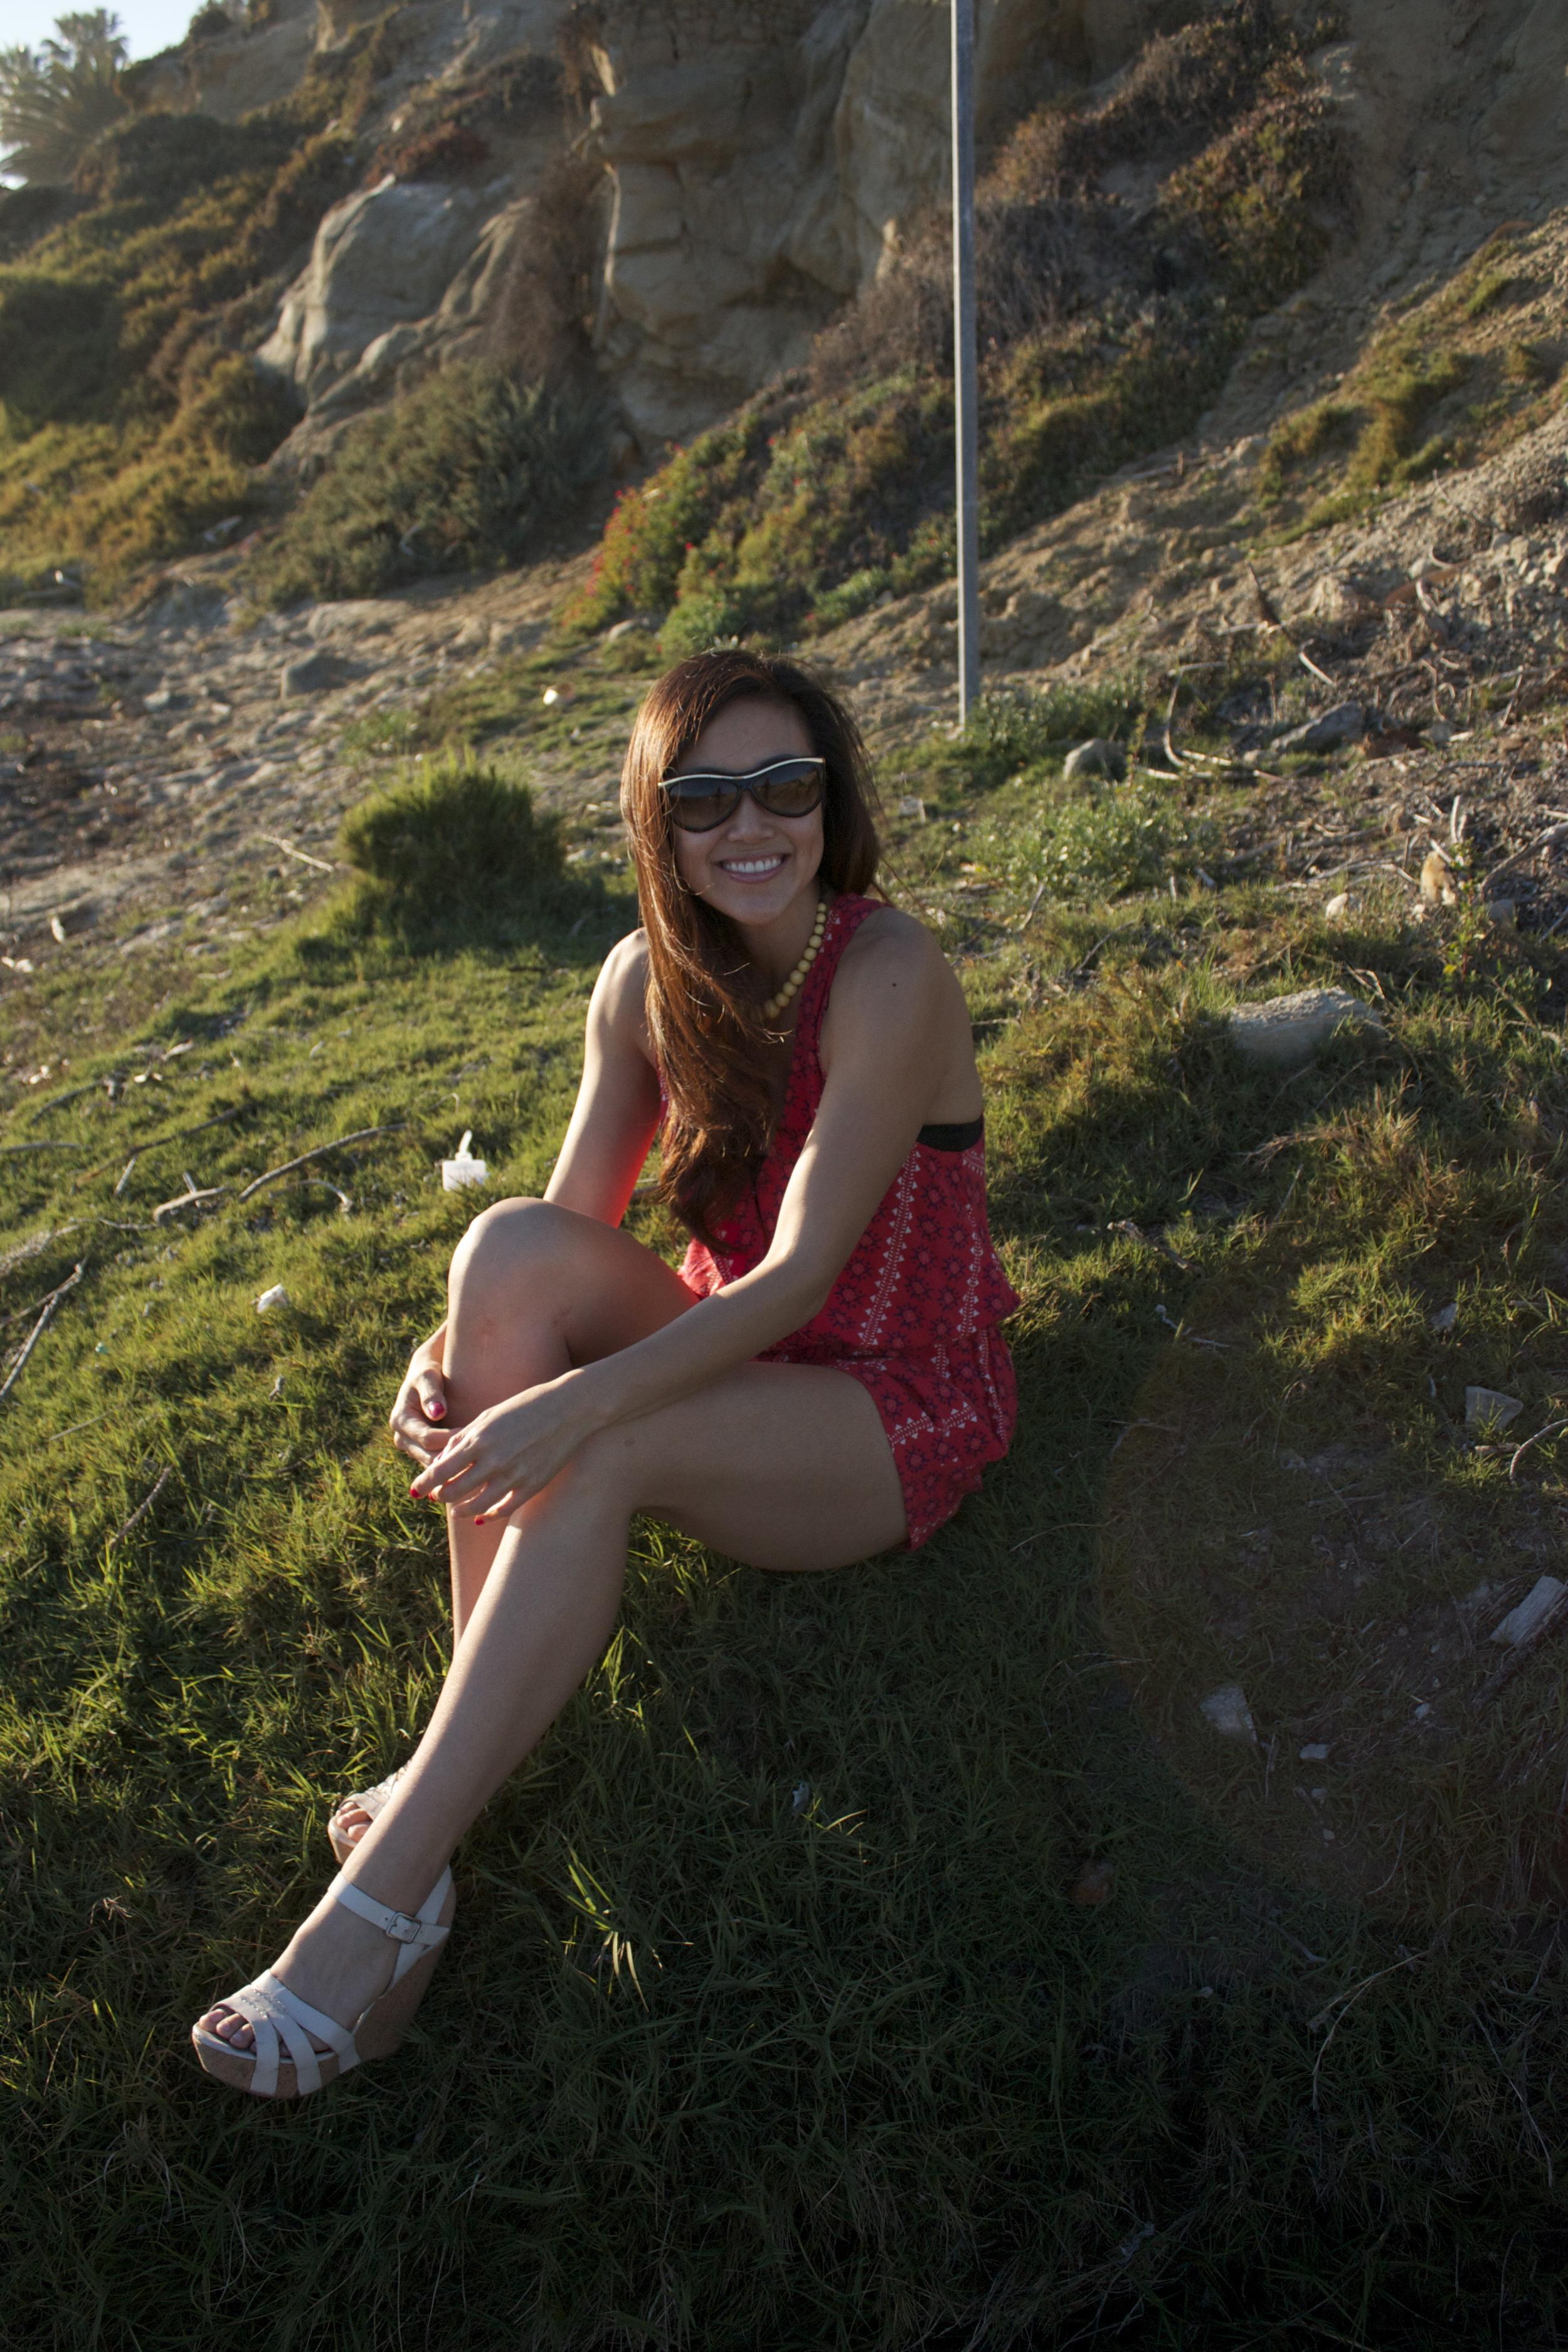 sitting in red romper